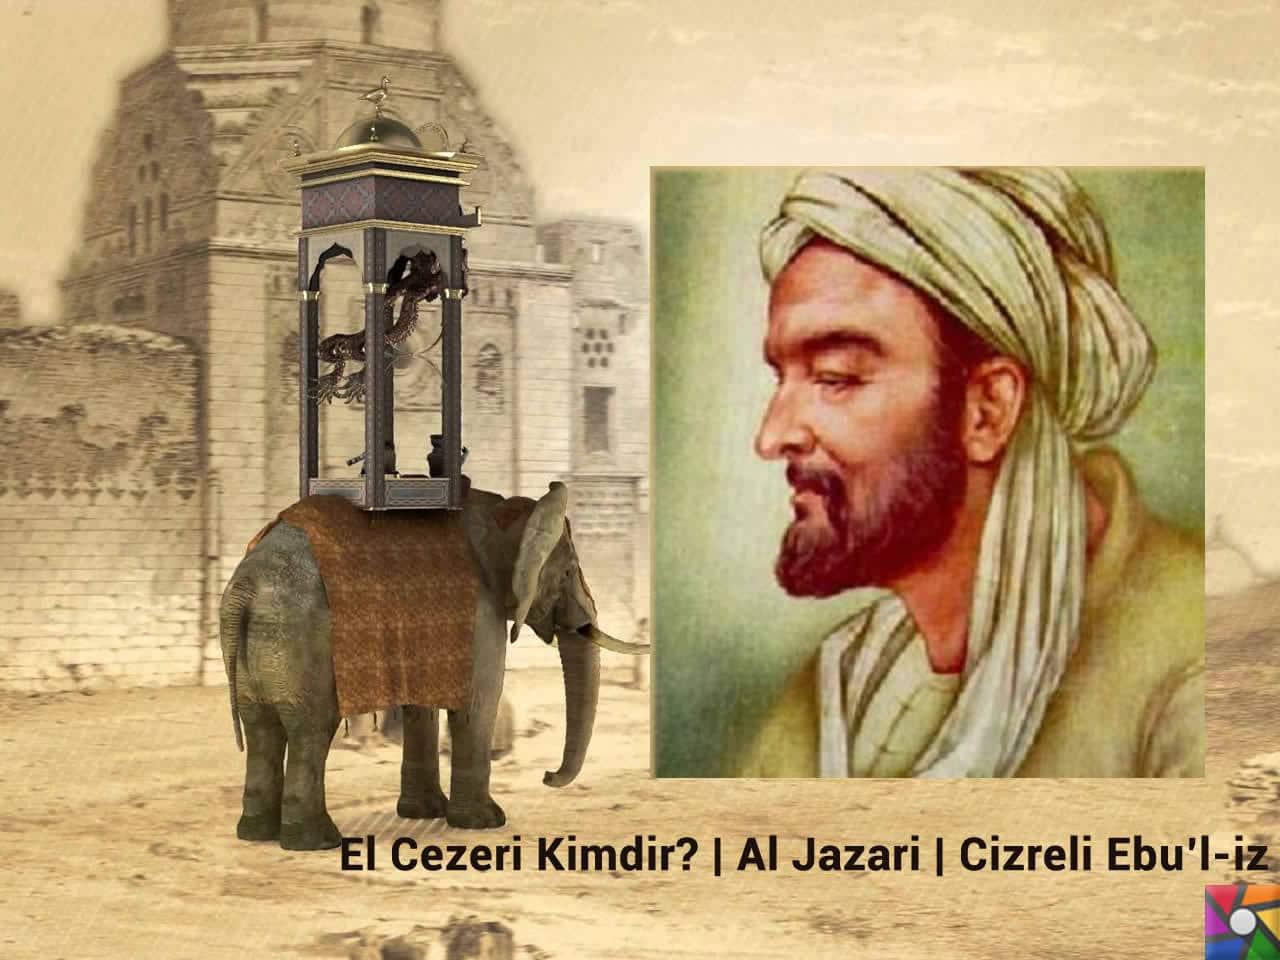 El Cezeri Kimdir? Al-Jazari | Cizreli Ebu'l-iz | Hayatı ve Biyografisi |  Algoritmanın Atası | Sibernetik Robot Biliminin Mucidi | Hidromekanik  Dahisi | ilk Bilgisayarın öncülerinden